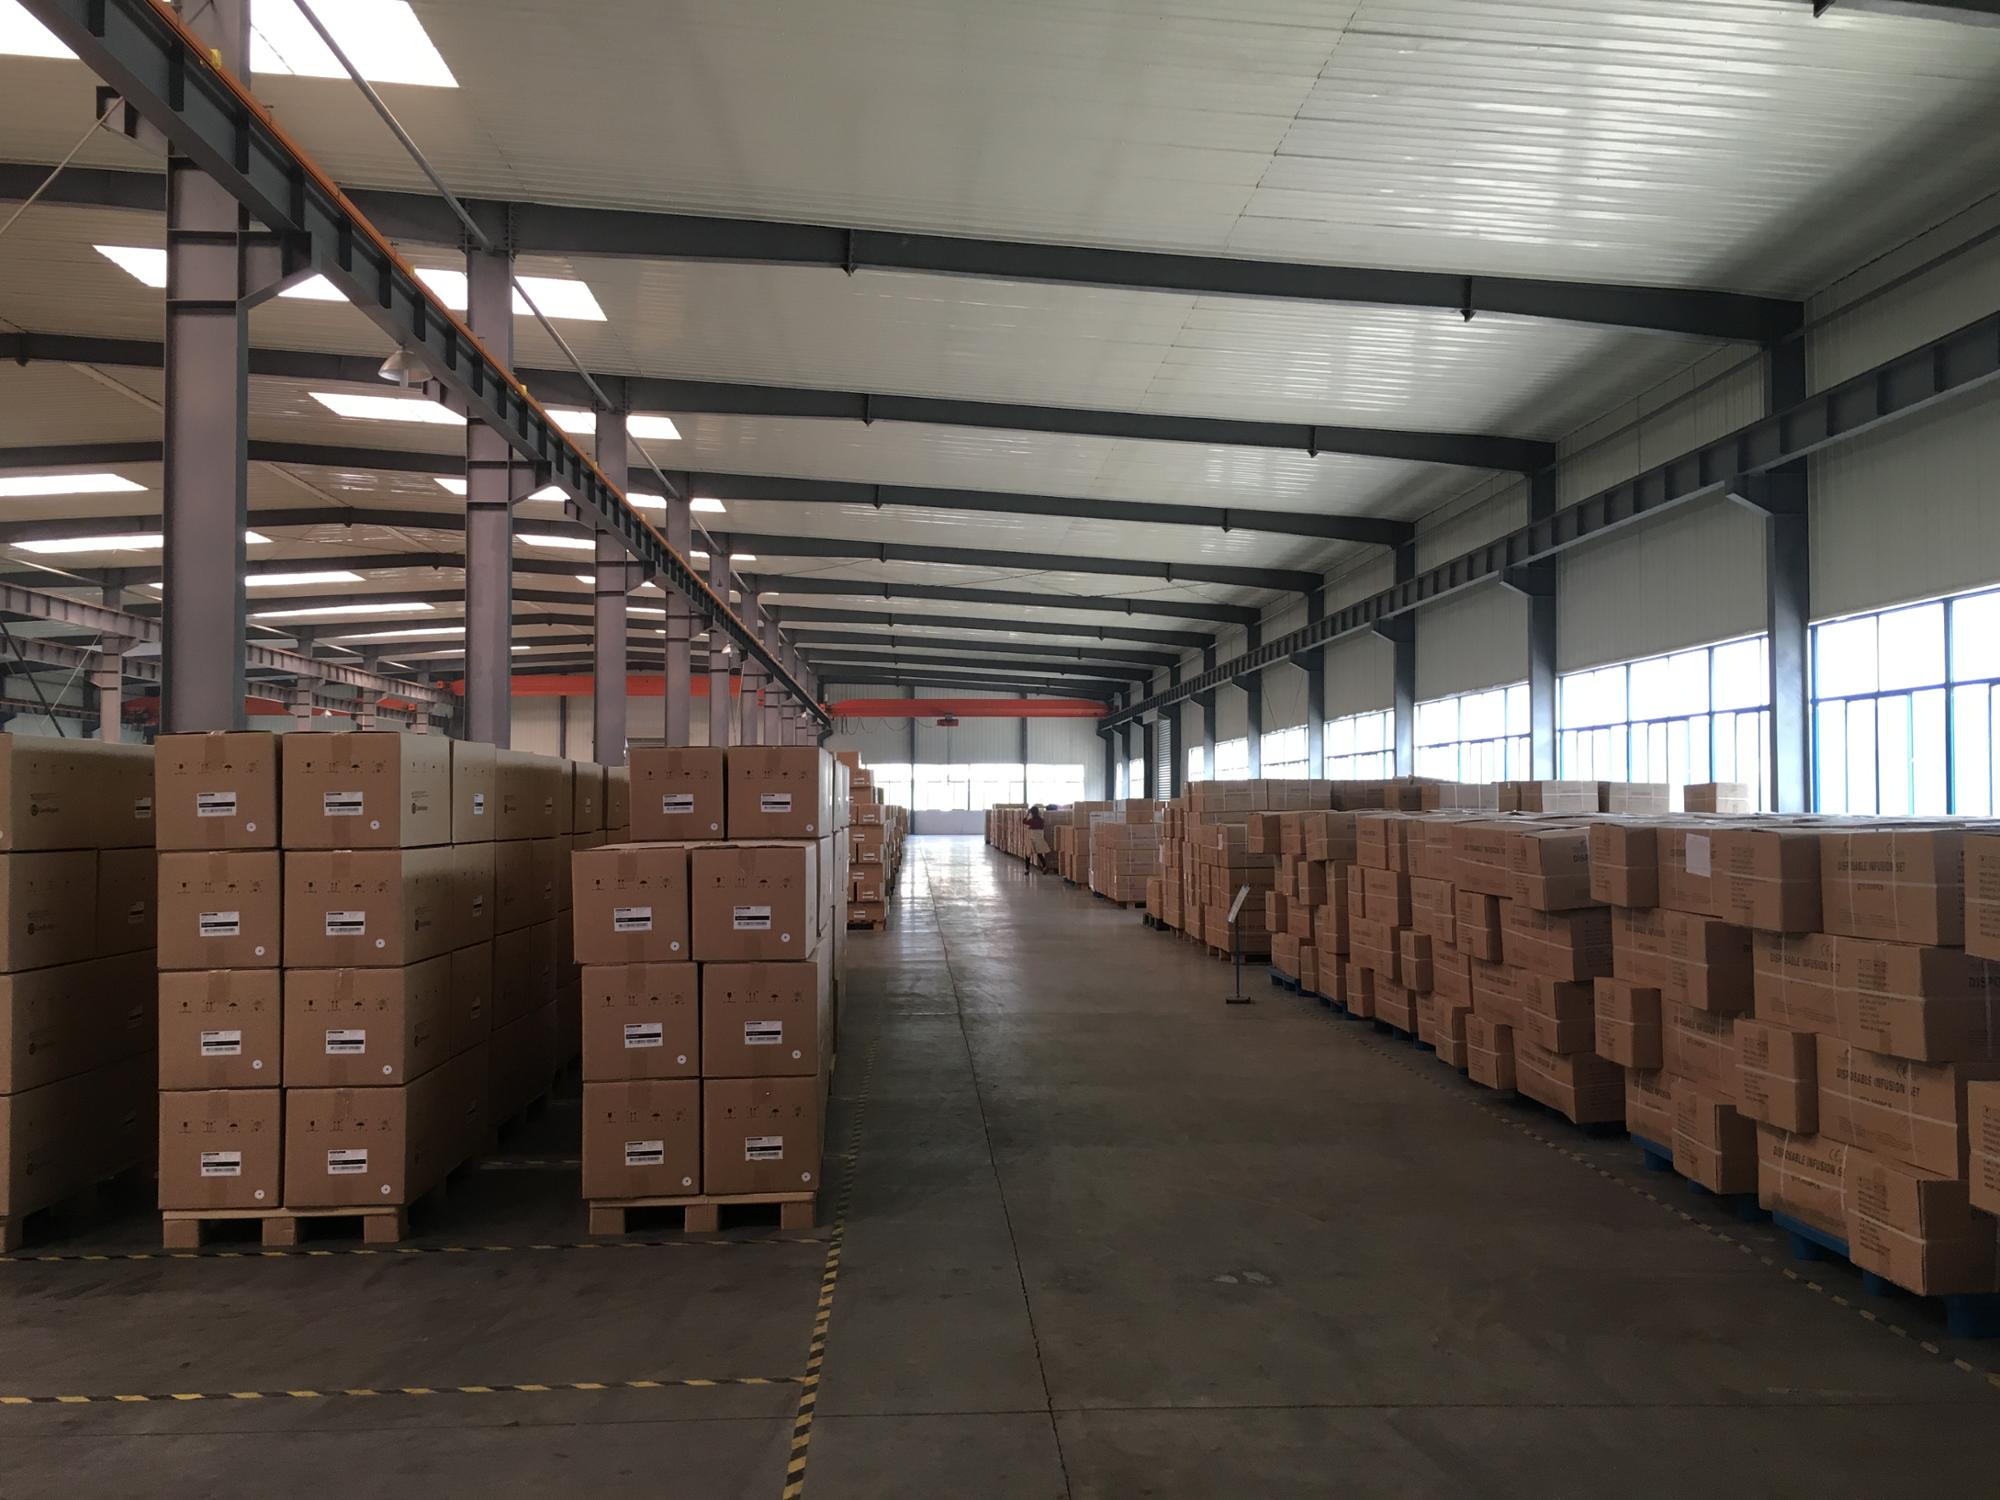 Biaya Jasa Kontraktor Bangun Pabrik & Gudang Bandung, Jawa Barat